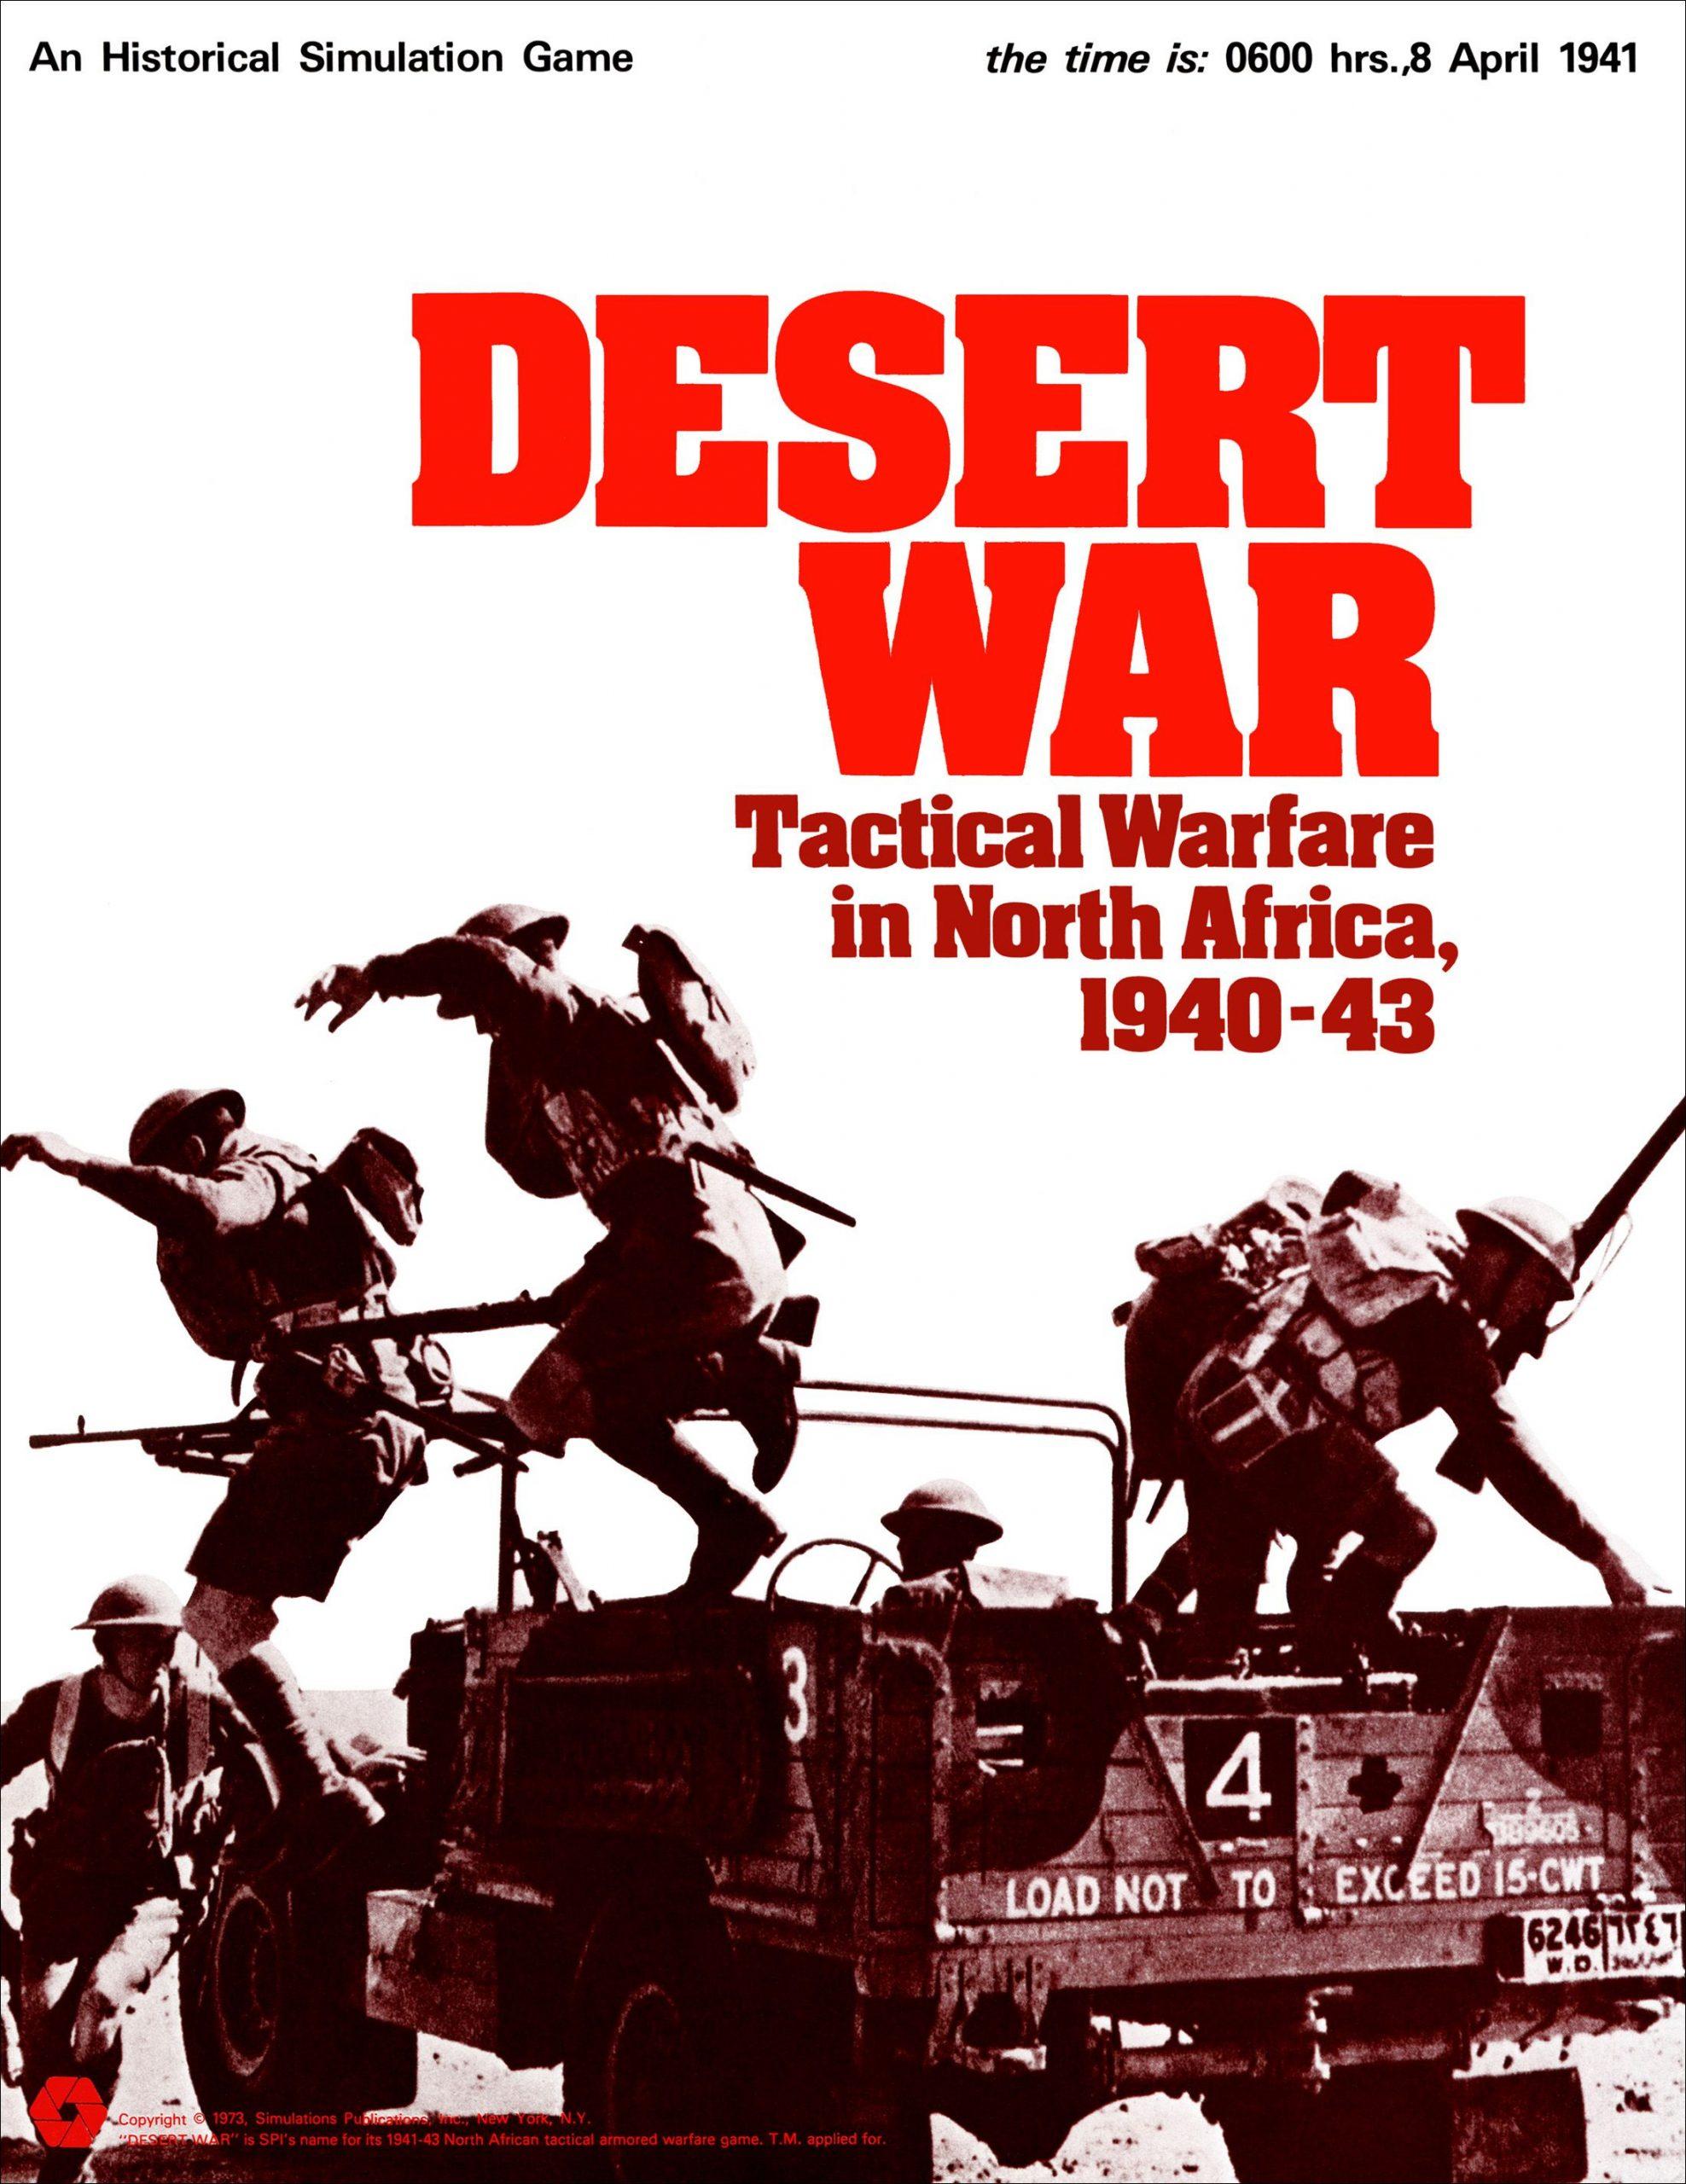 настольная игра Desert War: Tactical Warfare in North Africa, 1940-43 Война в пустыне: тактическая война в Северной Африке, 1940-43 гг.